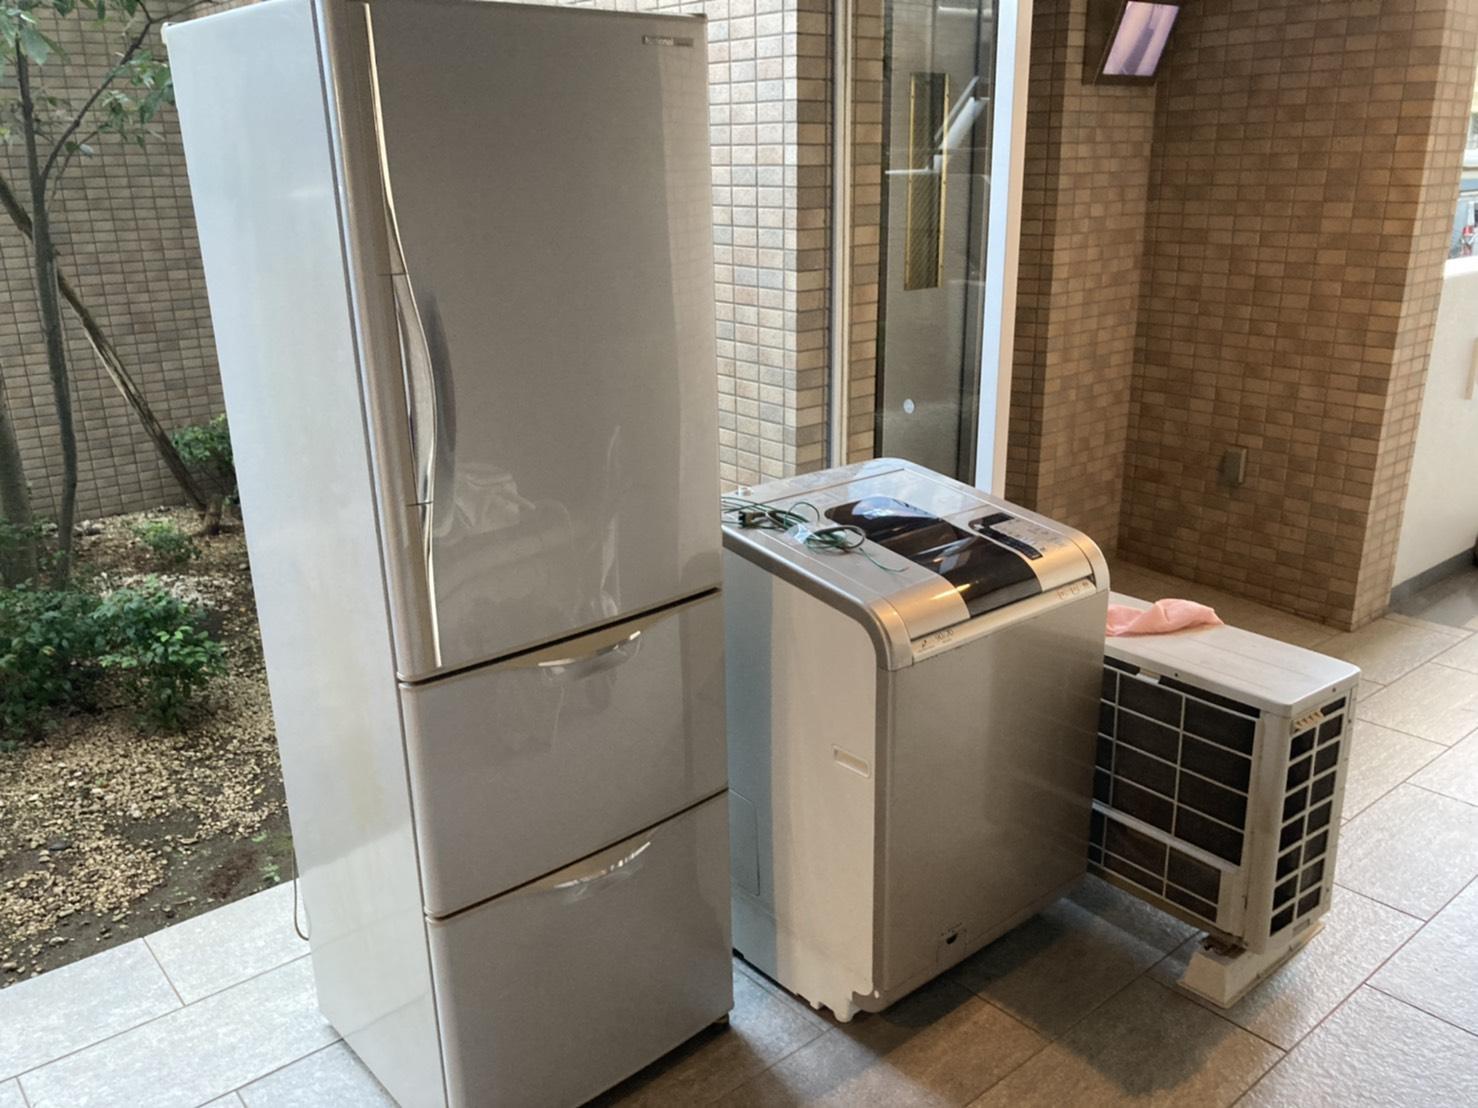 冷蔵庫、洗濯機、室外機の回収前